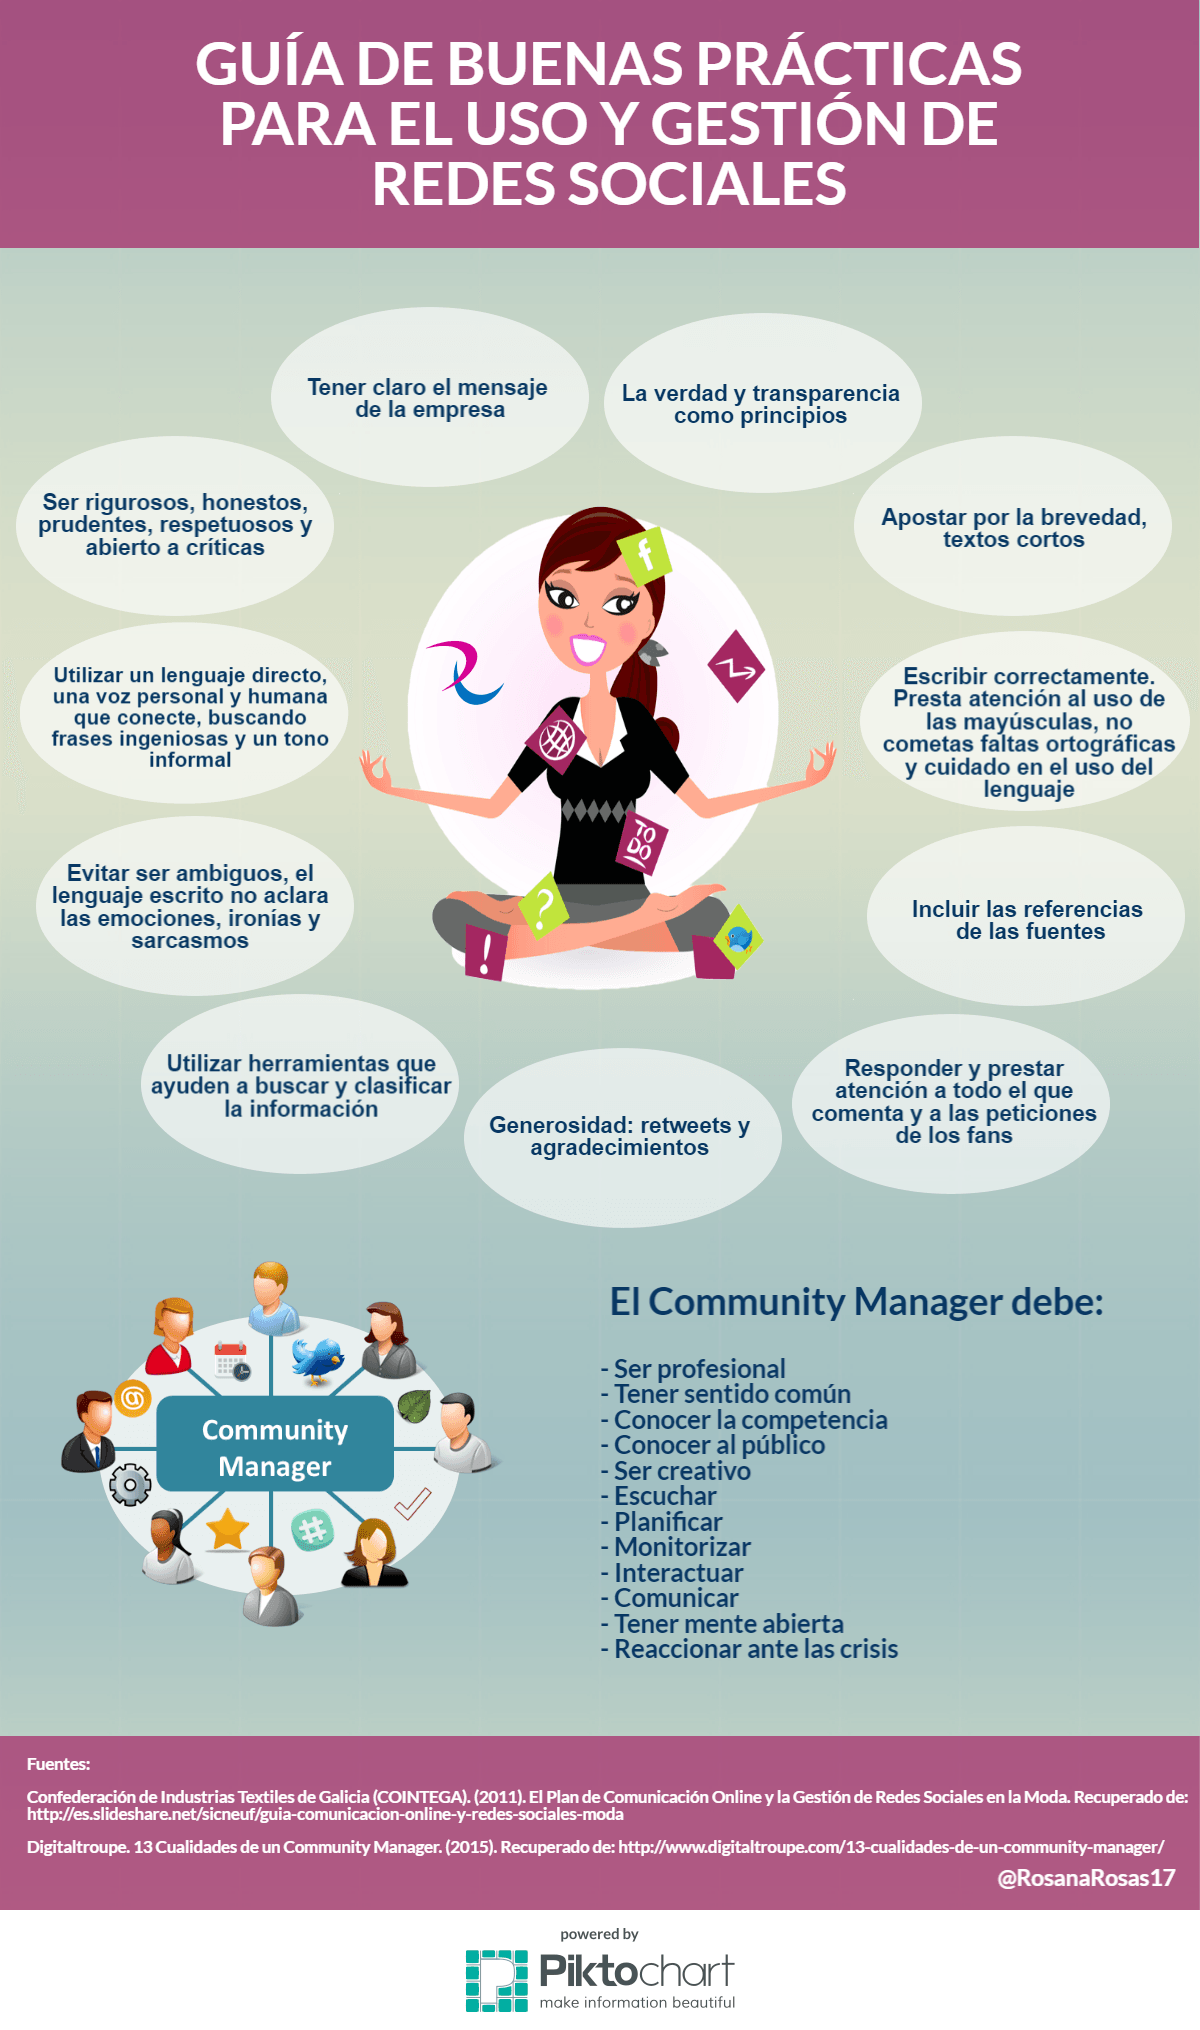 Guía de Buenas Prácticas para el Uso y Gestión de Redes Sociales #infografia #socialmedia